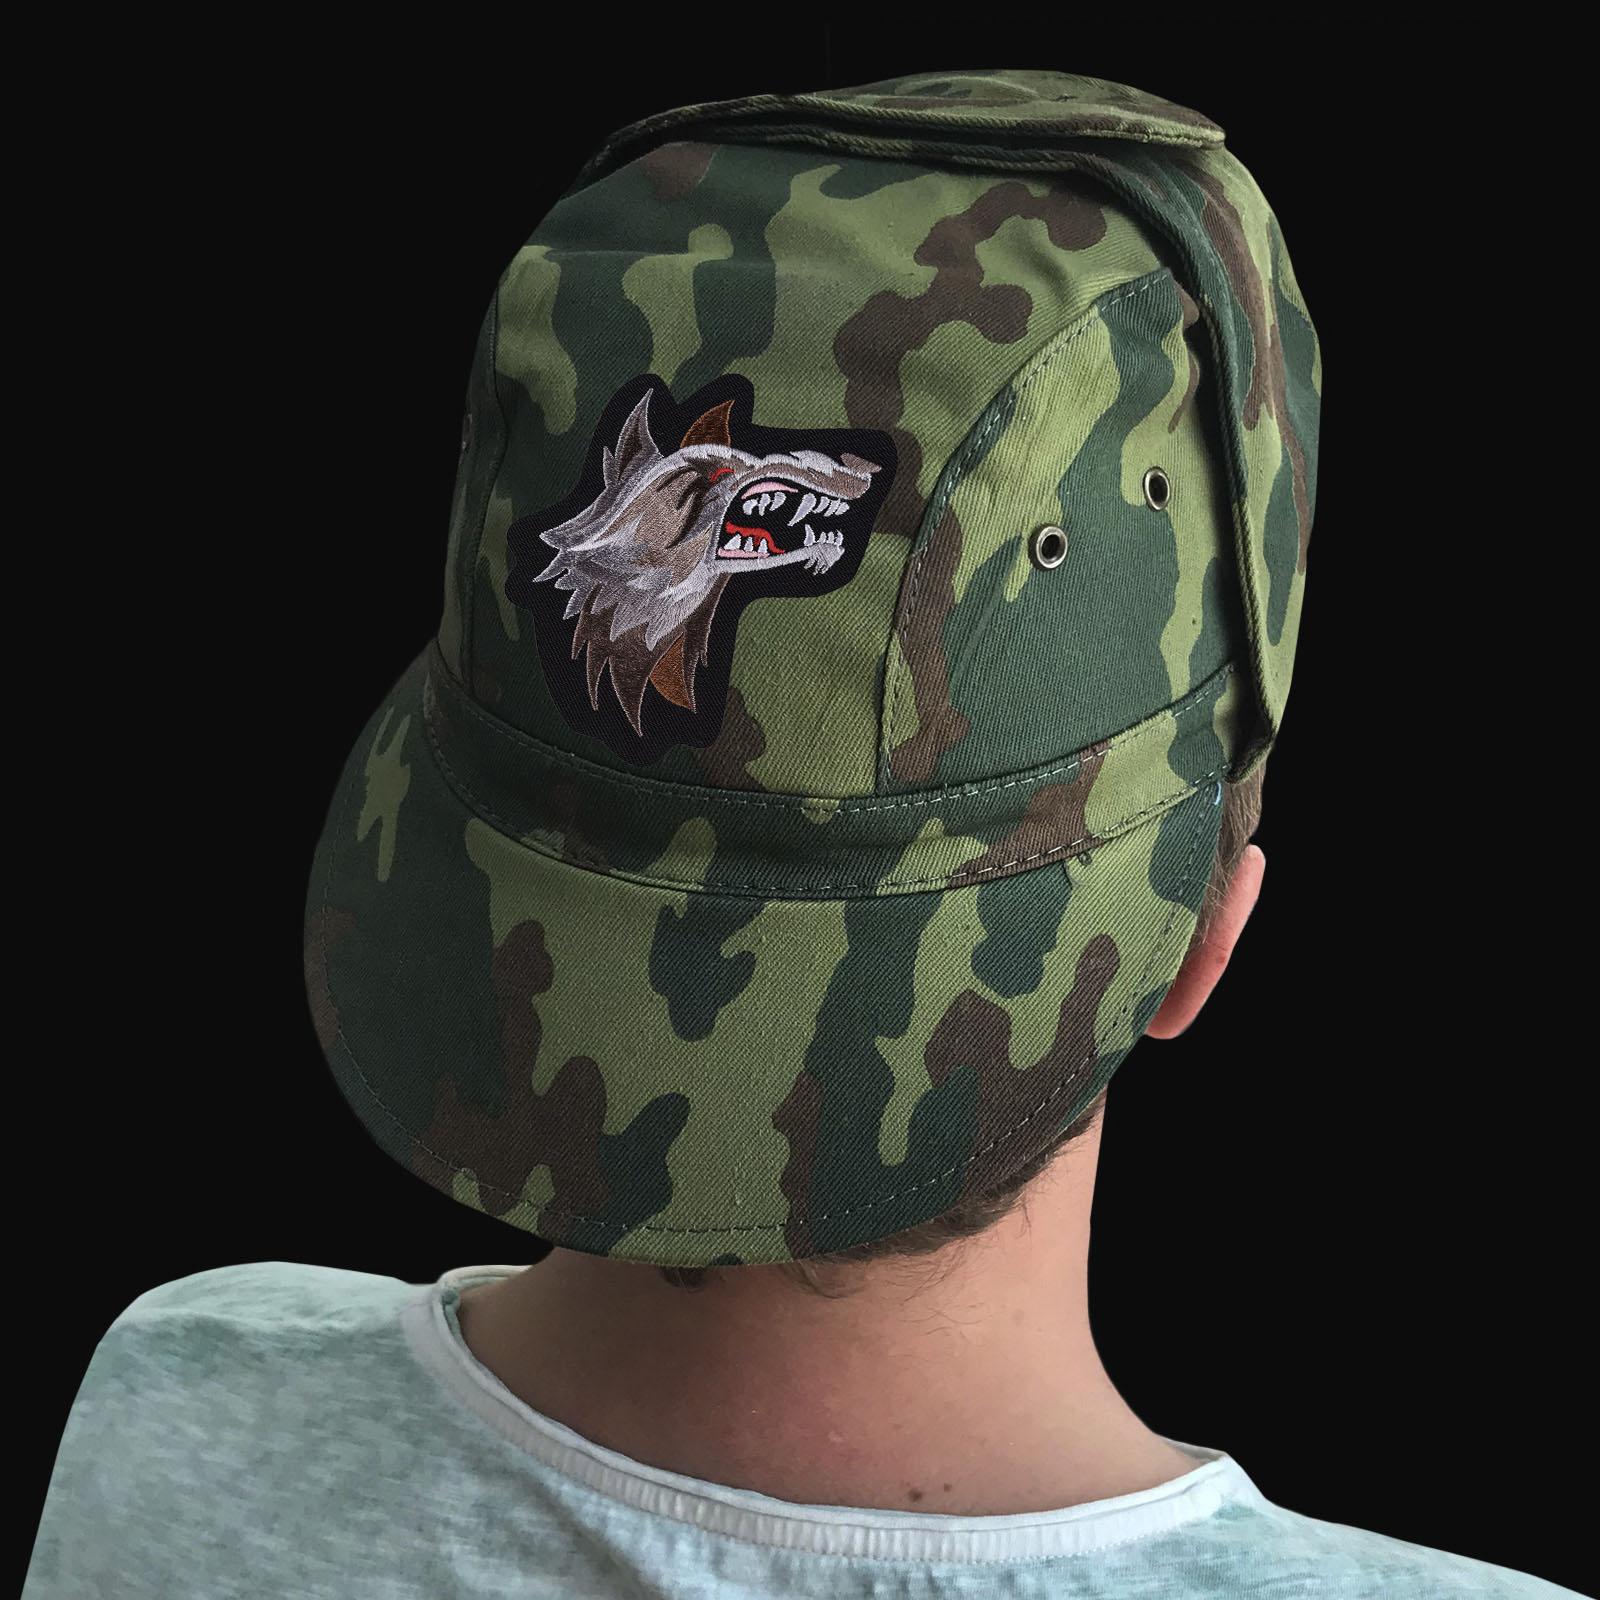 Недорогие милитари кепки с различными шевронами – наличие